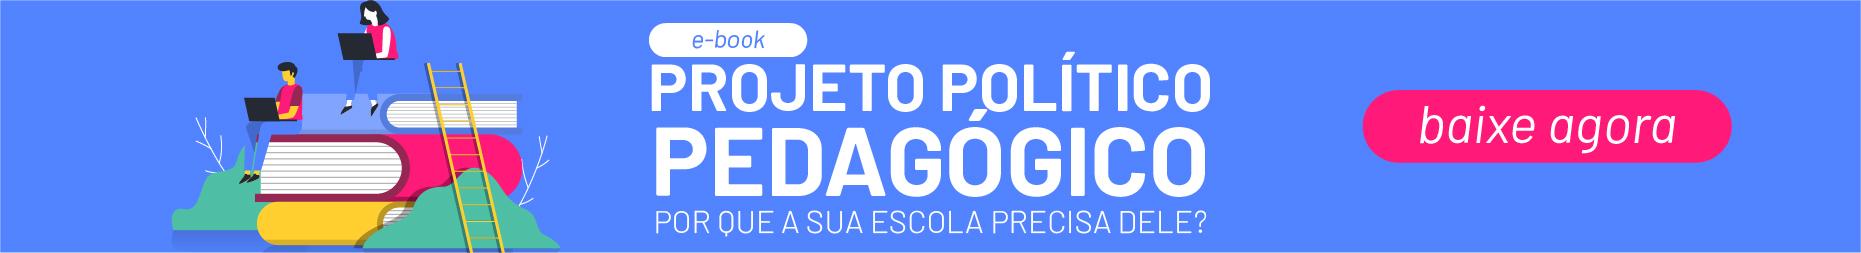 https://oferta.escolaweb.com.br/projeto-politico-pedagogico